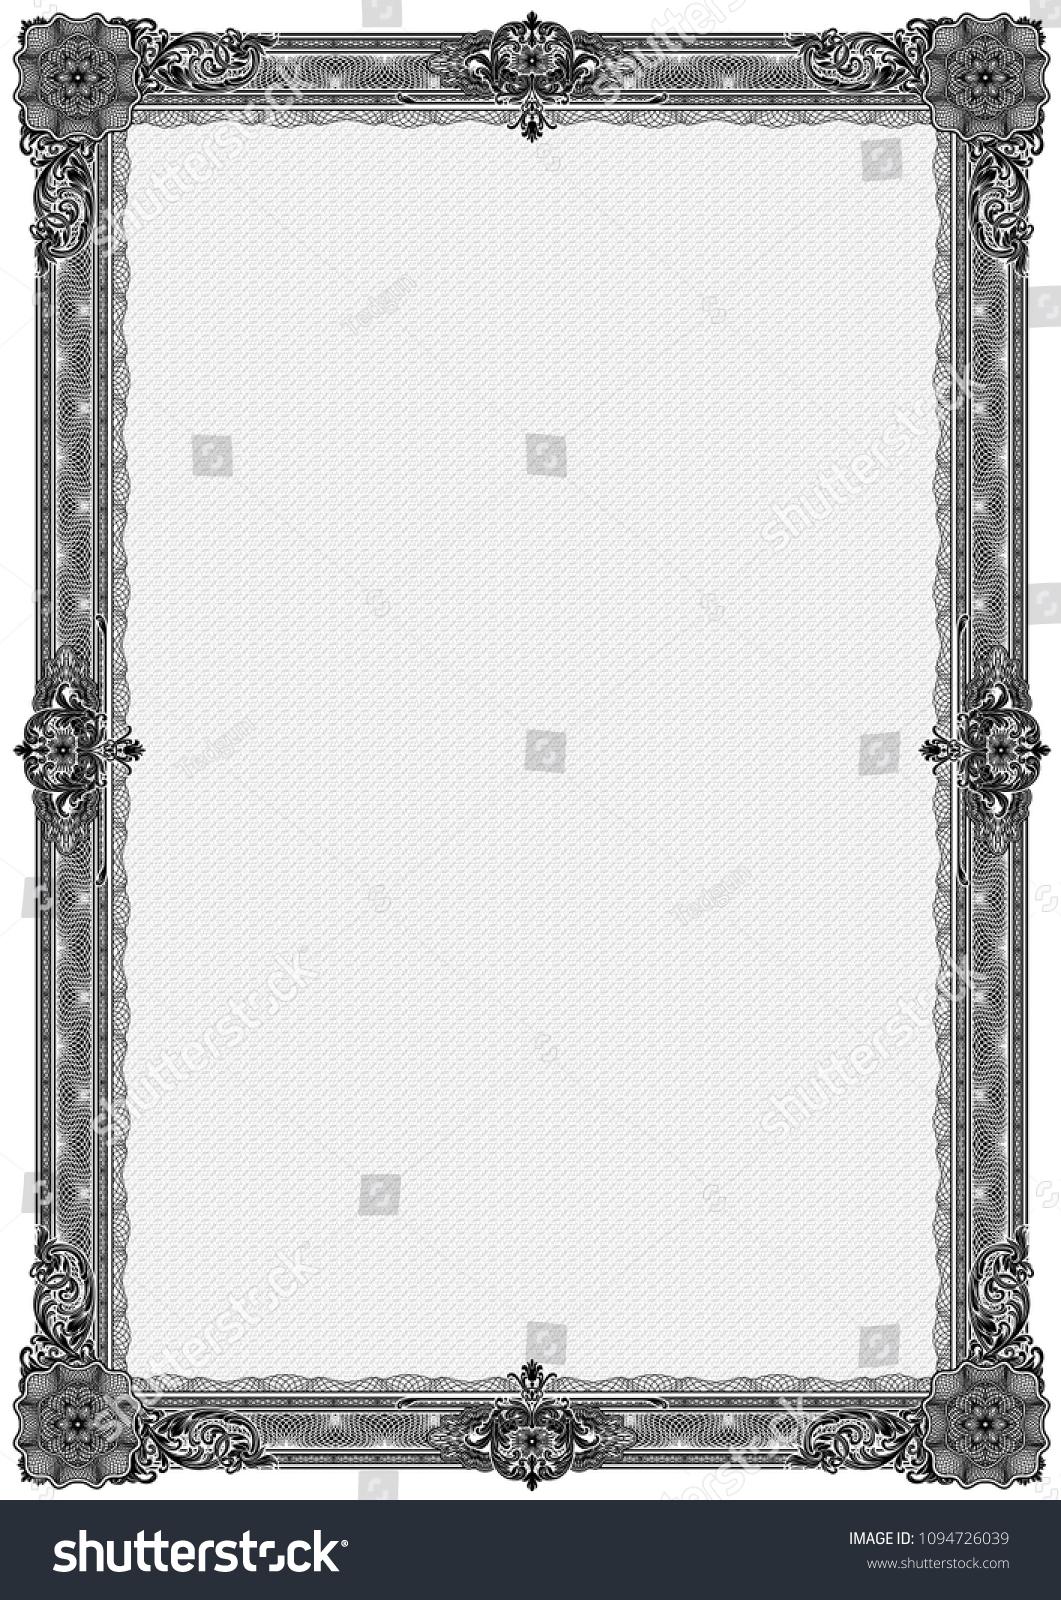 Simple Black White Certificate Frame Border Stock Vector 1094726039 ...